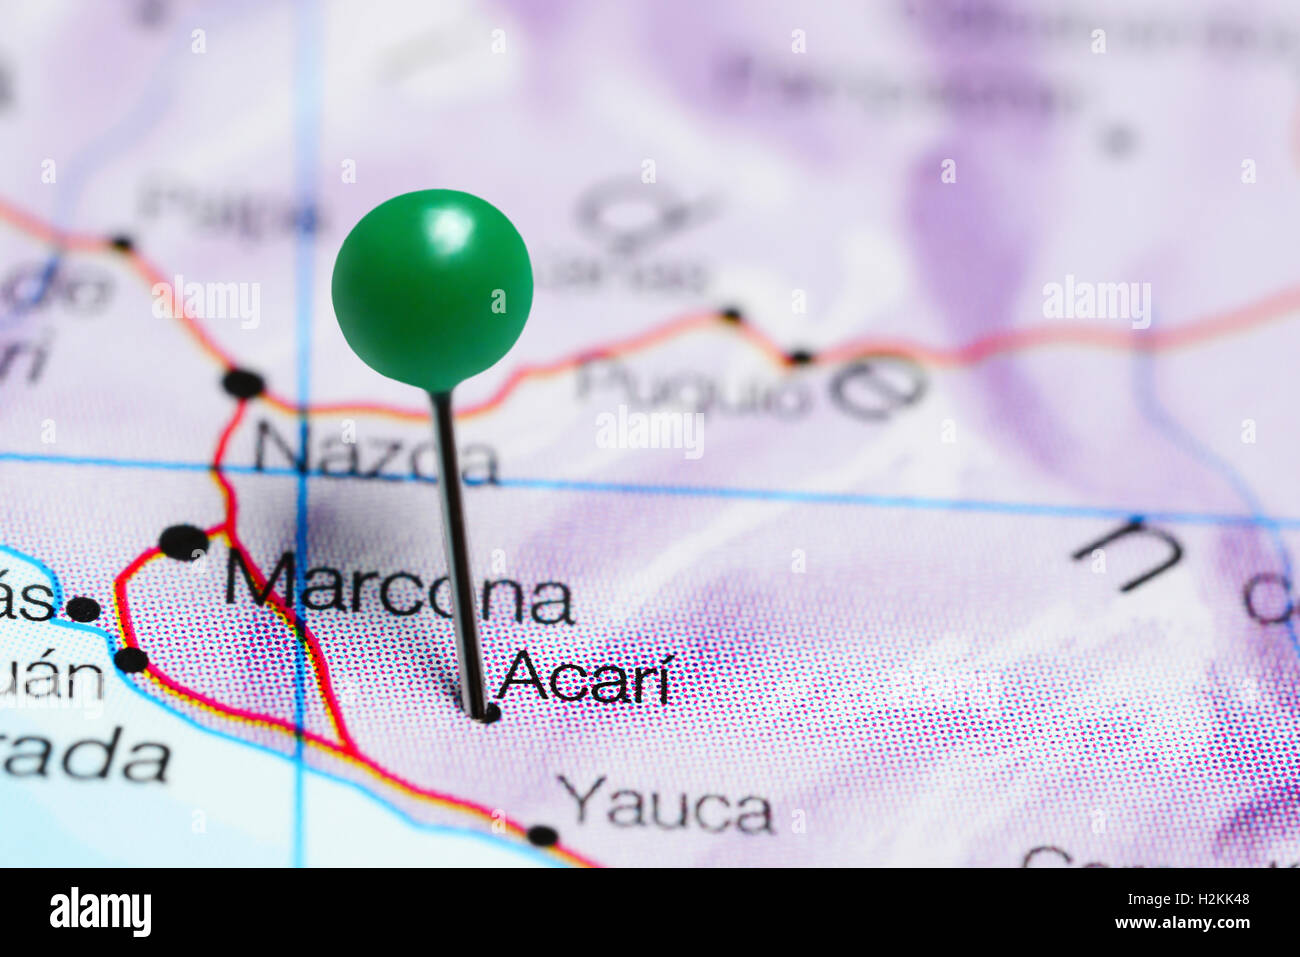 Acari pinned on a map of Peru Stock Photo: 122133992   Alamy